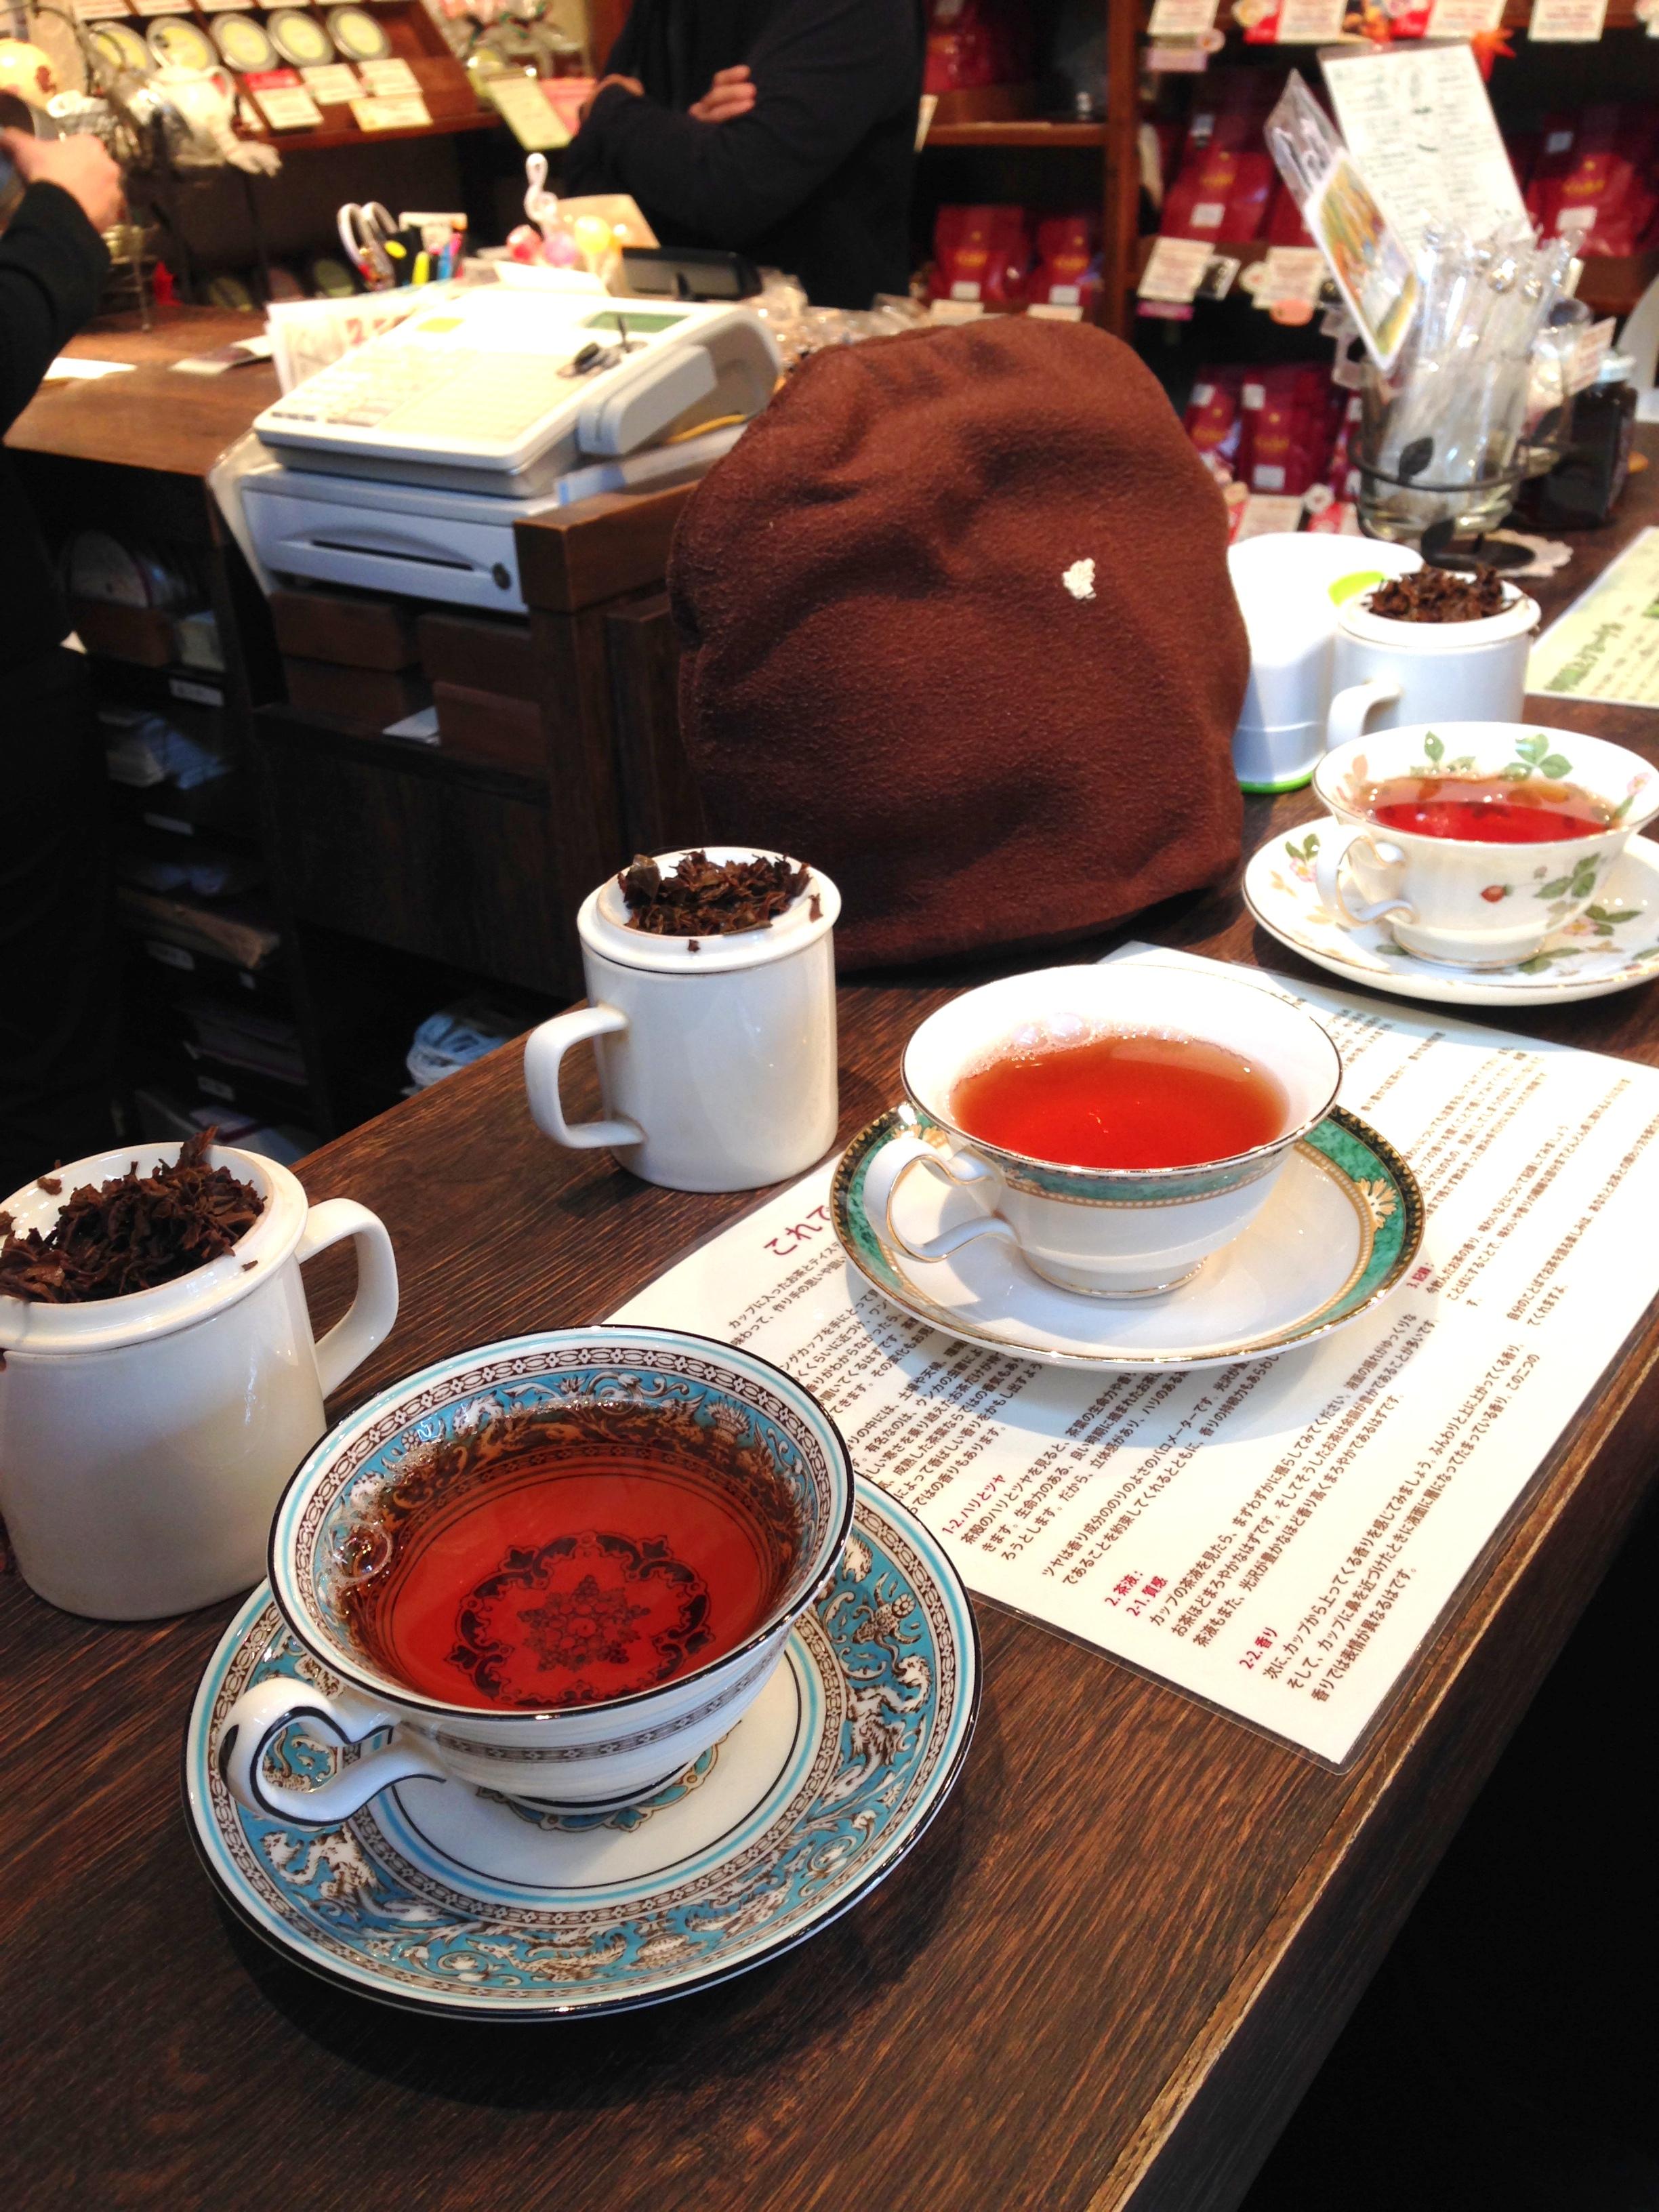 紅茶の試飲のカップがウェッジウッドなのも紅茶好きとしては嬉しい限りです。